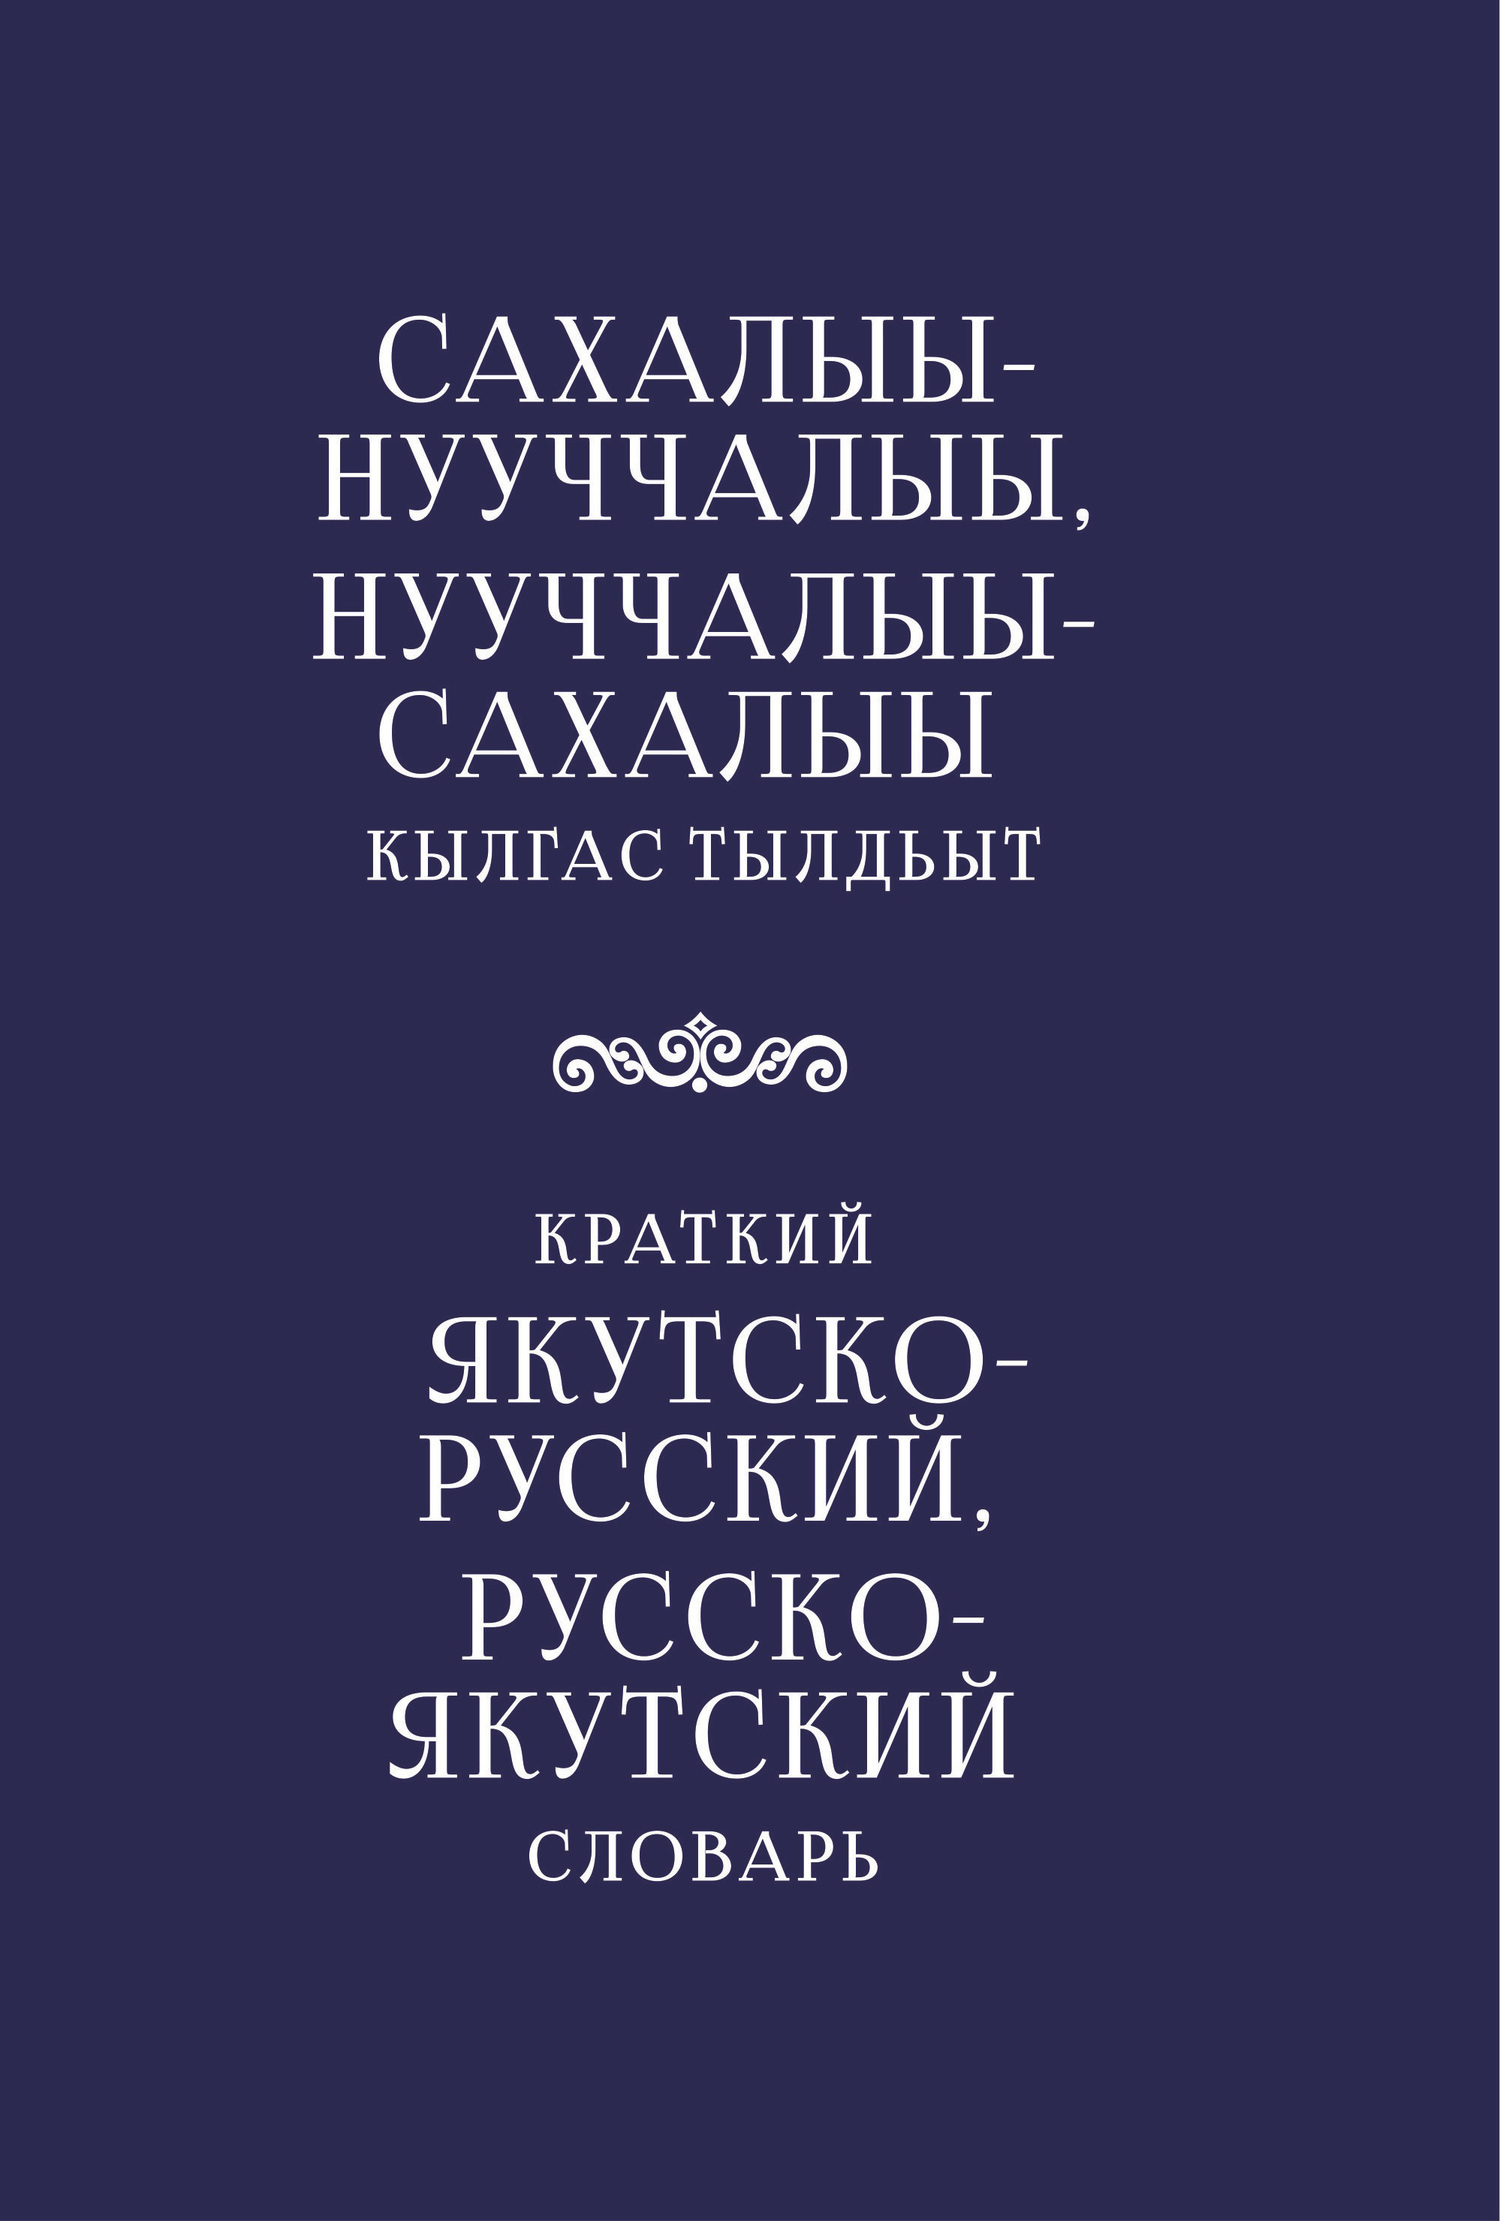 Краткий якутско-русский, русско-якутский словарь